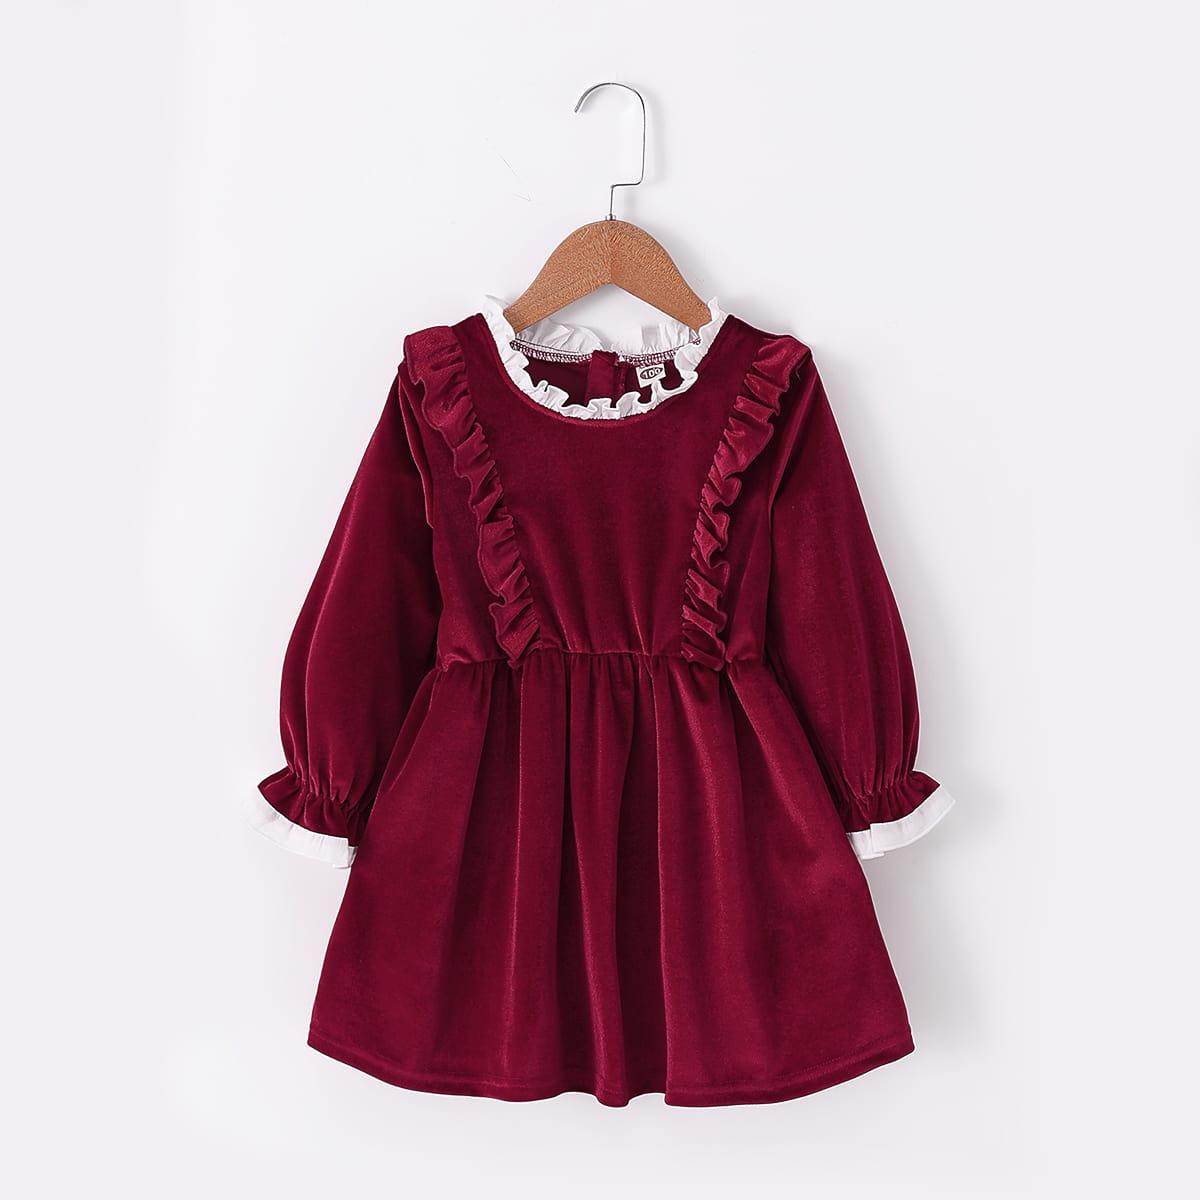 SHEIN / Kleinkind Mädchen Samt Kleid mit Falten